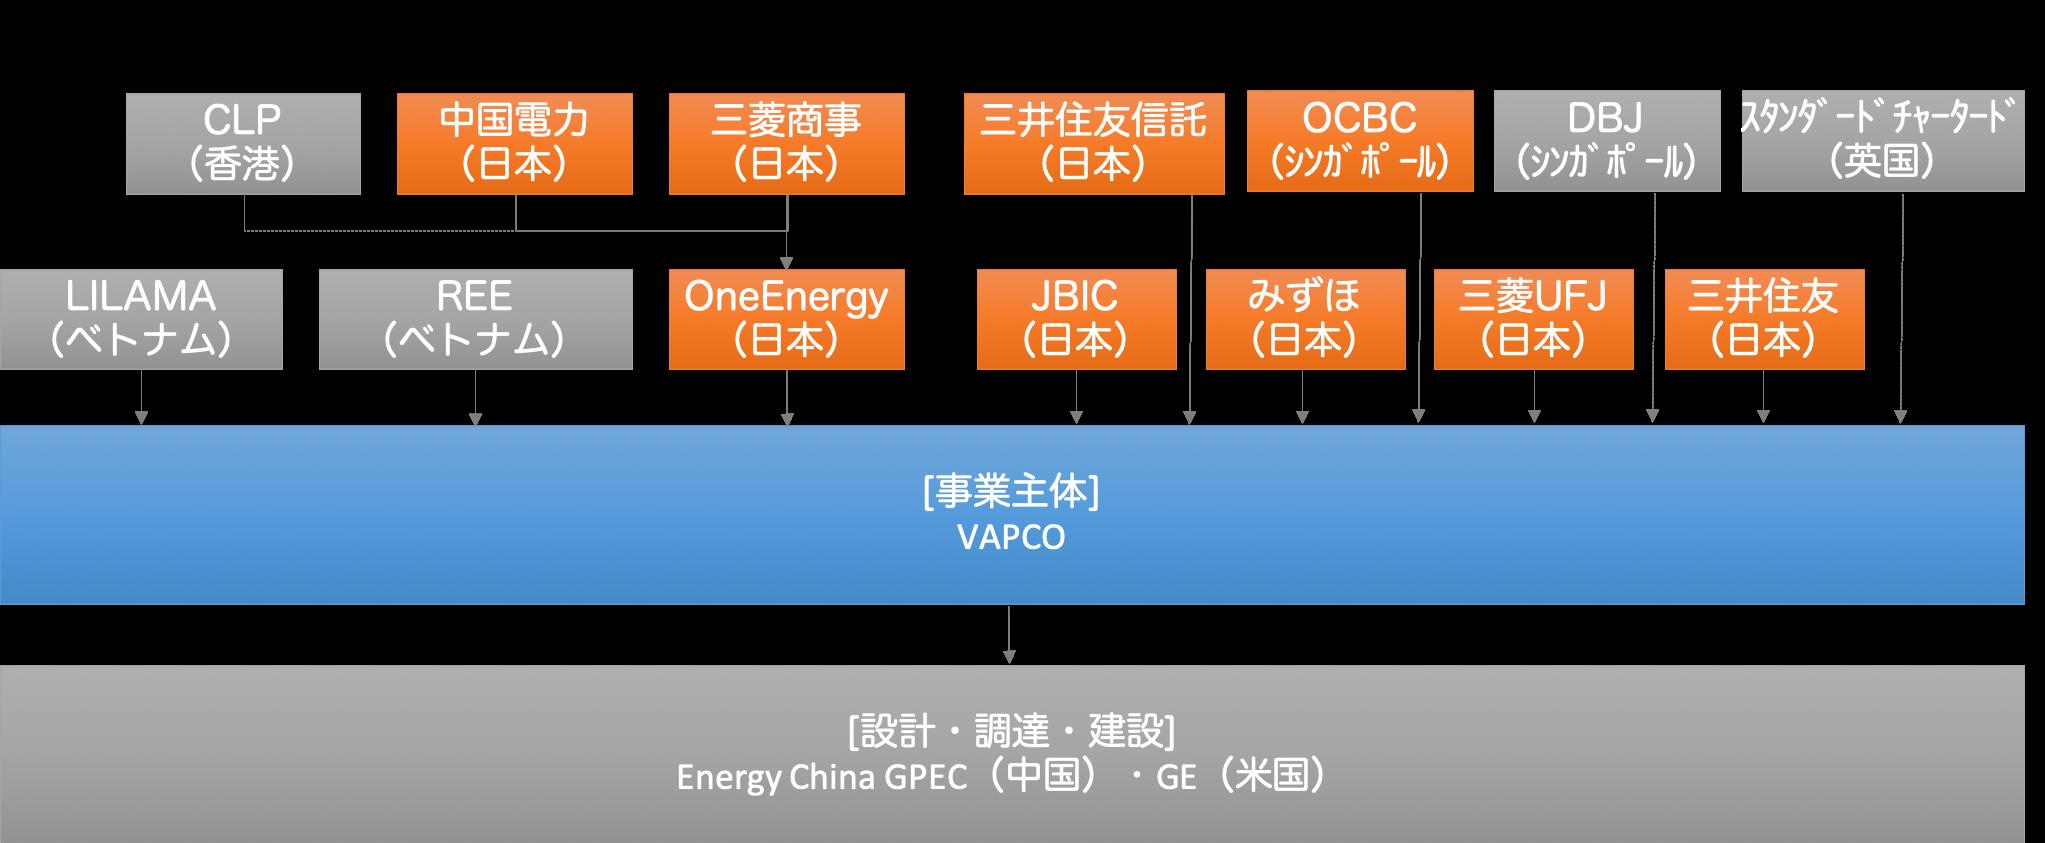 【日本】小泉環境相、ブンアン2石炭火力事業が首相官邸決定の「石炭火力輸出4要件」に違反と批判 2